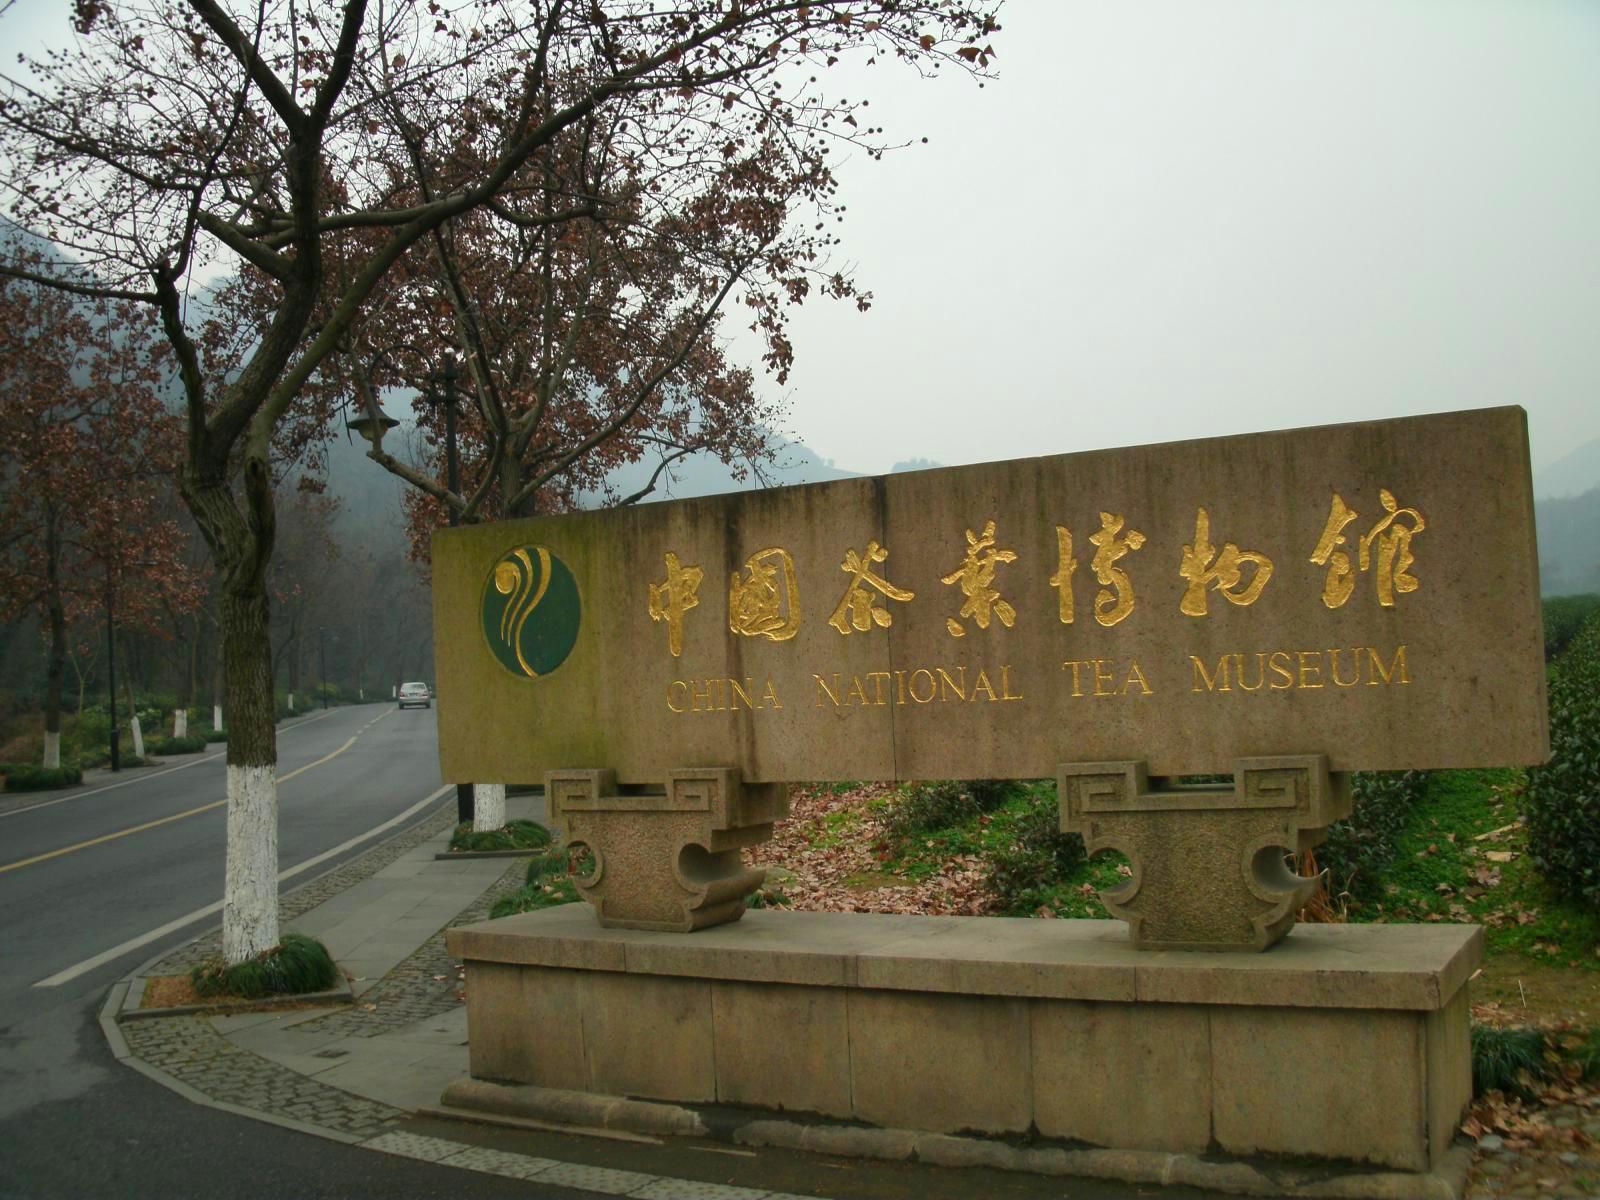 乌镇-绍兴-杭州-宁波-西塘-v西德西德-绍兴旅游攻攻略攻略图片